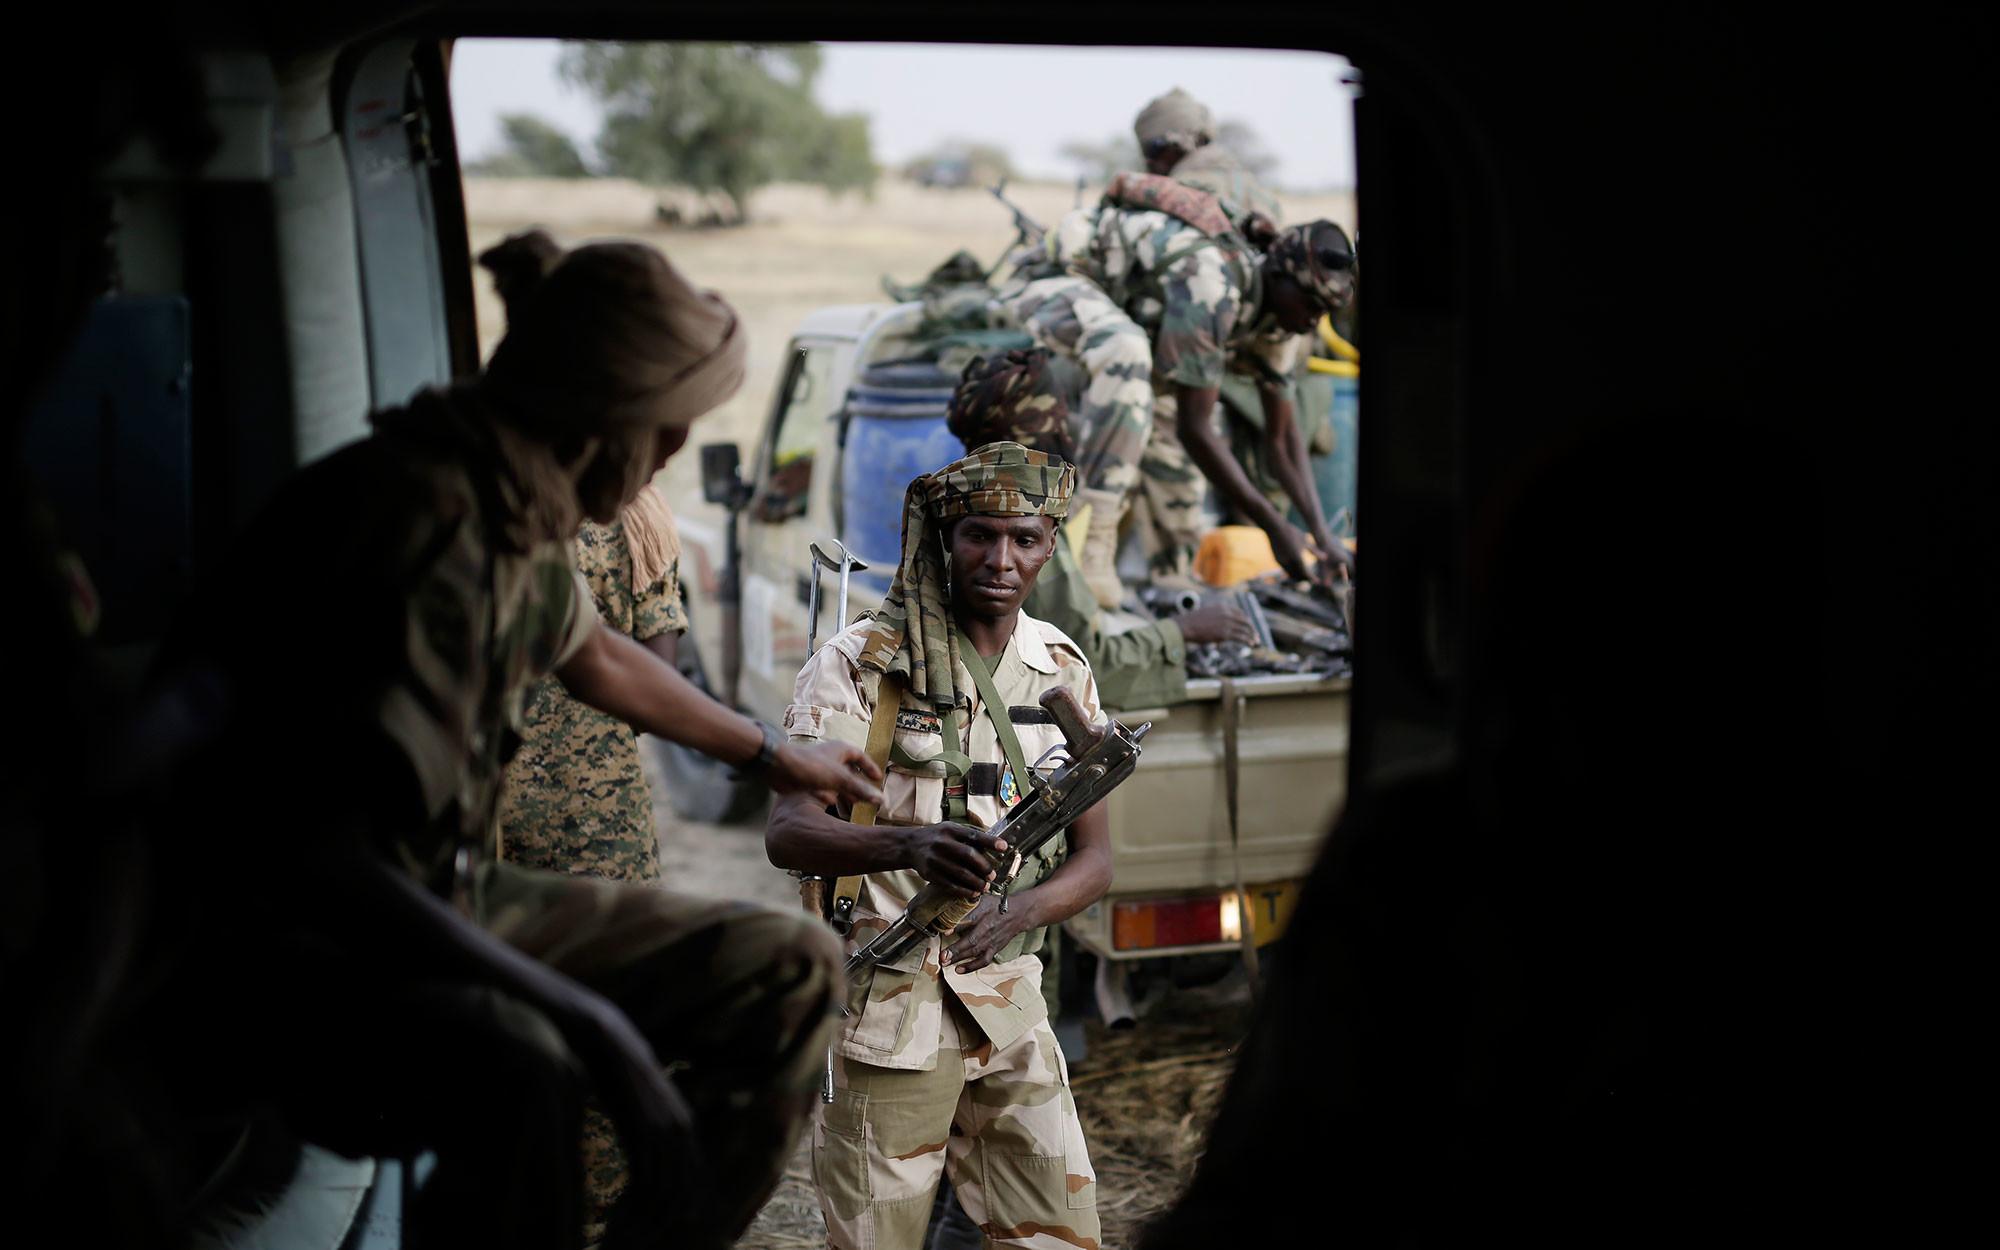 """Солдаты Чада передают оружие, захваченное у бойцов """"Боко харам"""", вертолёту в городе Дамасак, Нигерия,18 марта 2015 года. Фото: © AP Photo/Jerome Delay"""